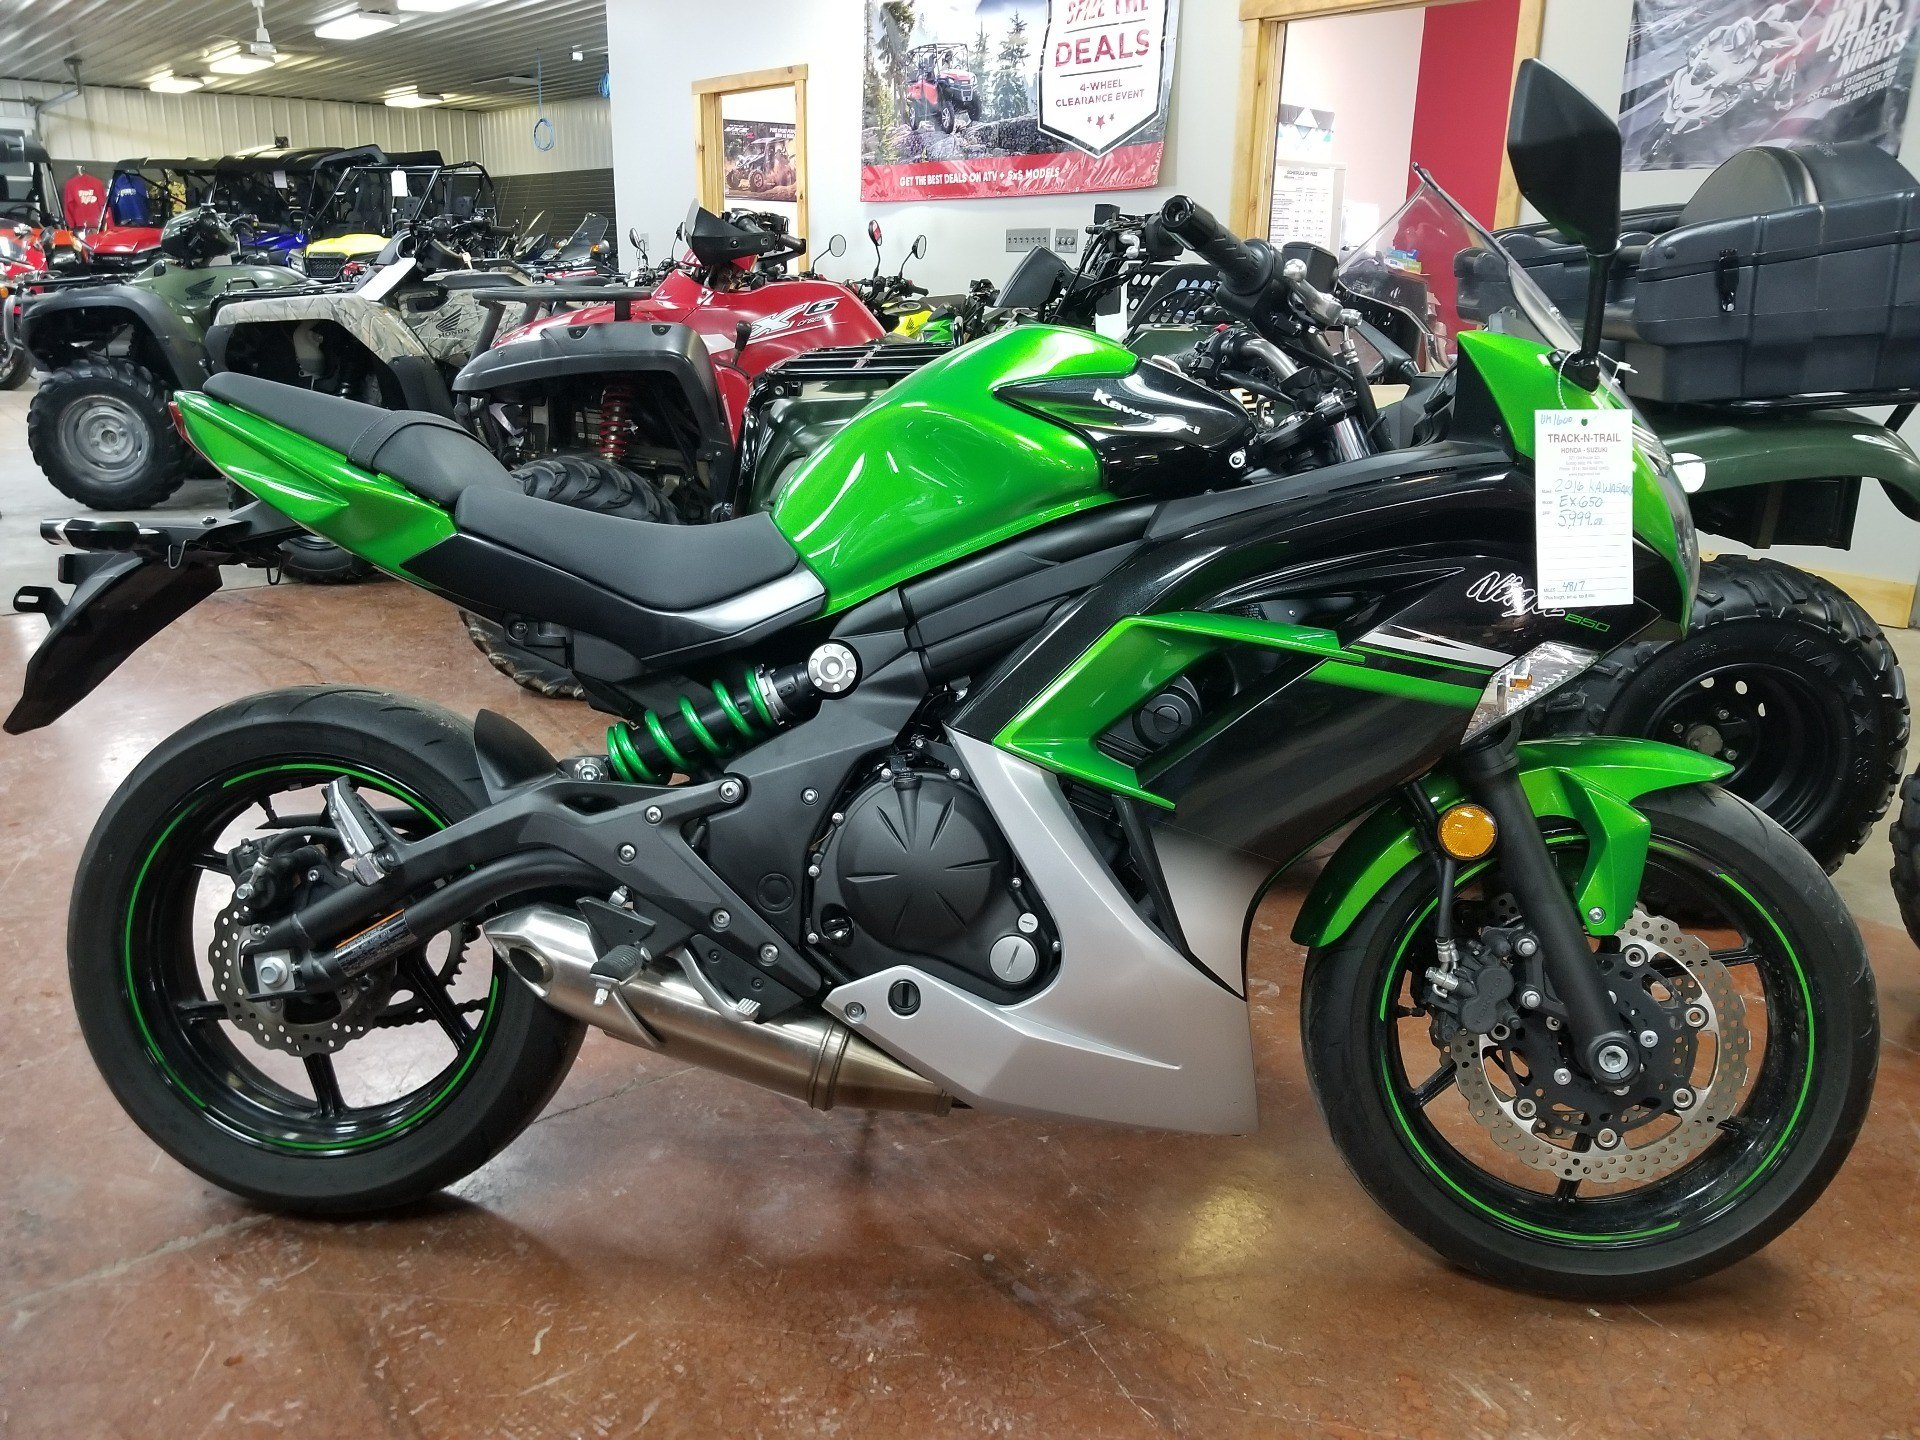 Used 2016 Kawasaki Ninja 650 Motorcycles In Spring Mills Pa